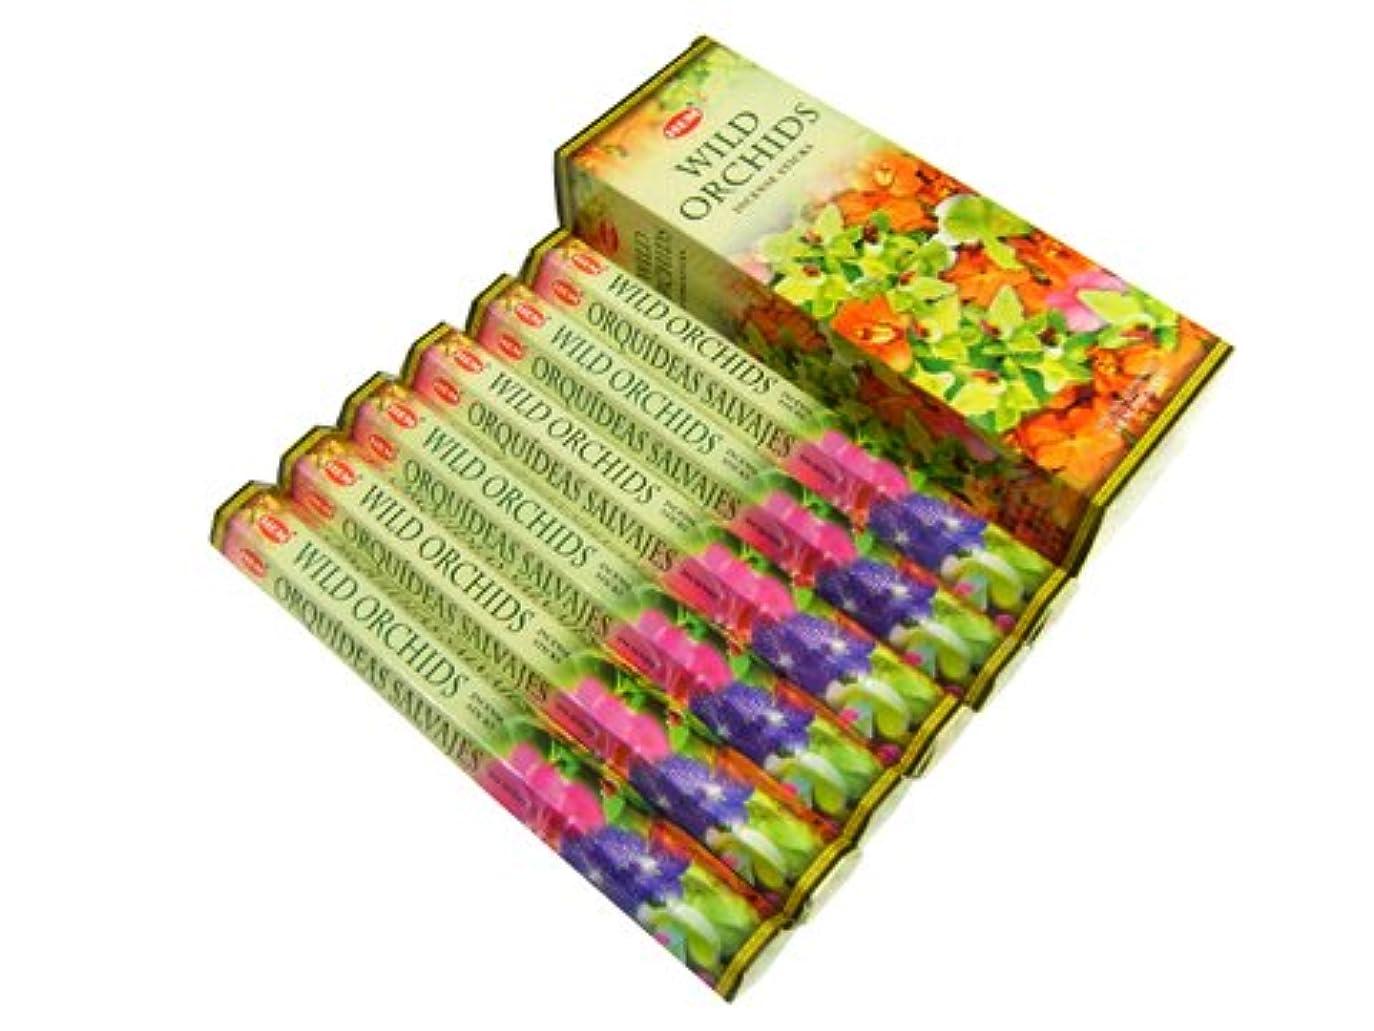 挽くファシズムモートHEM(ヘム)社 ワイルドオーキッド香 スティック WILD ORCHIDS 6箱セット